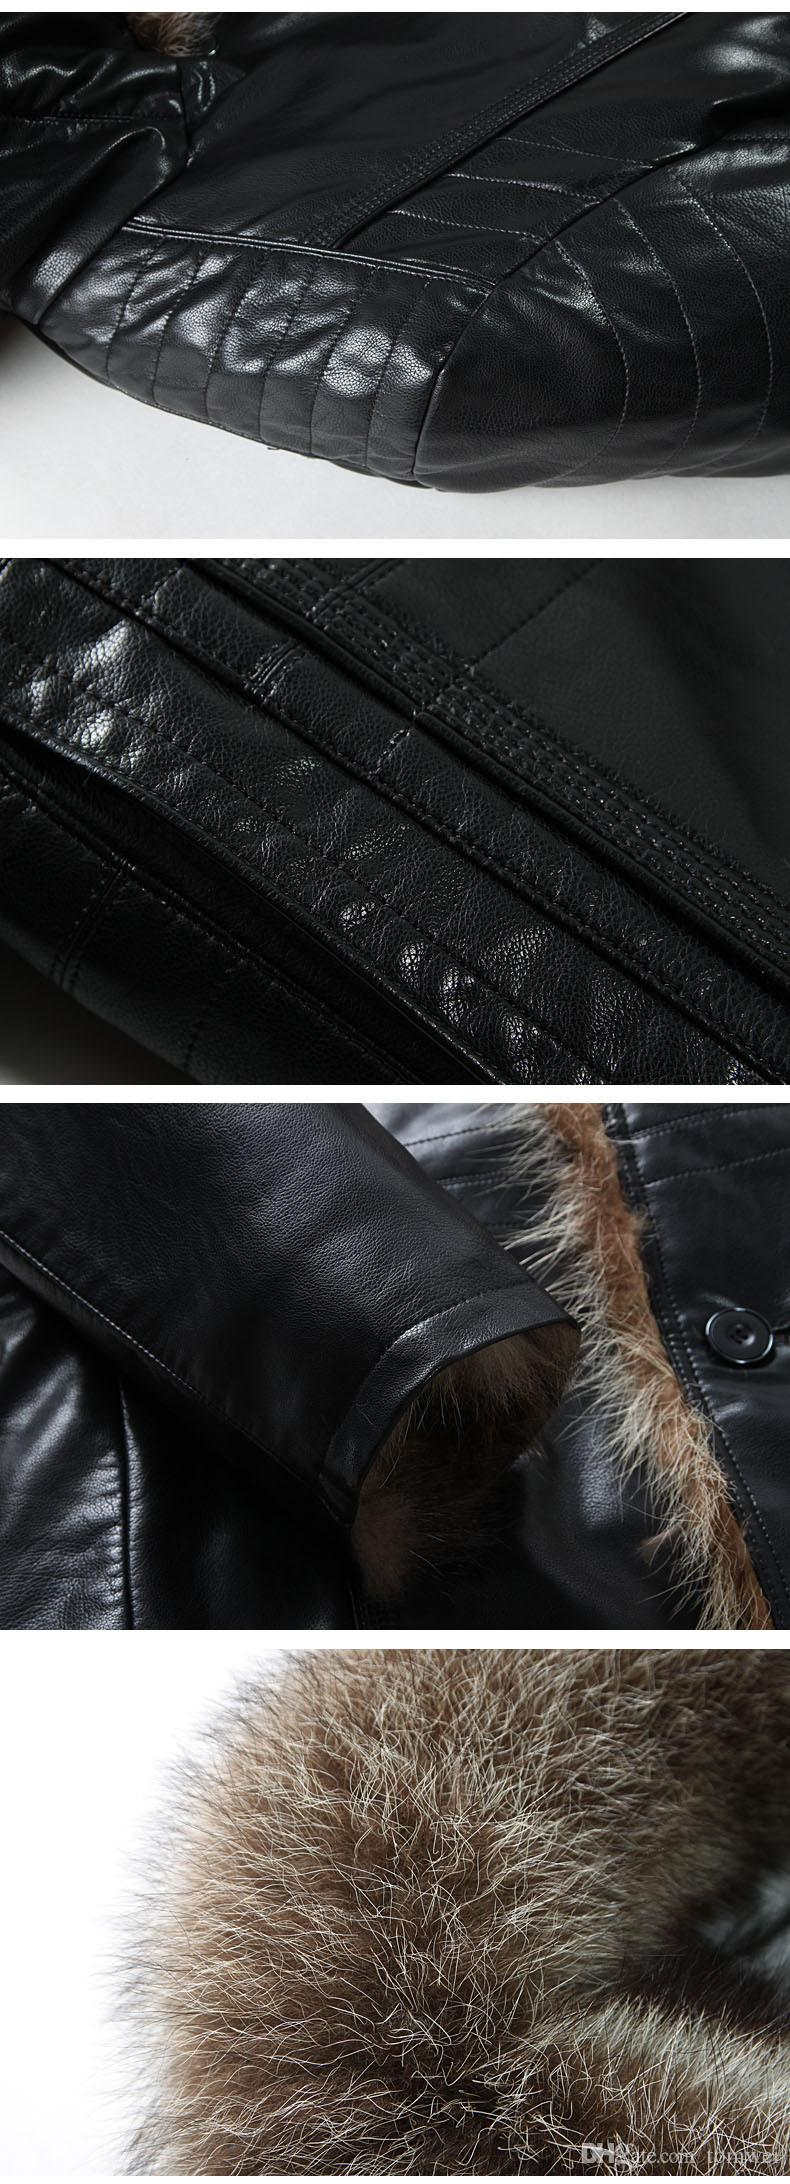 Chaquetas de cuero genuino para hombre Cazadoras de piel de mapache real Shearling Winter Parkas Ropa de nieve abrigo cálido y grueso más talla 4XL 5XL